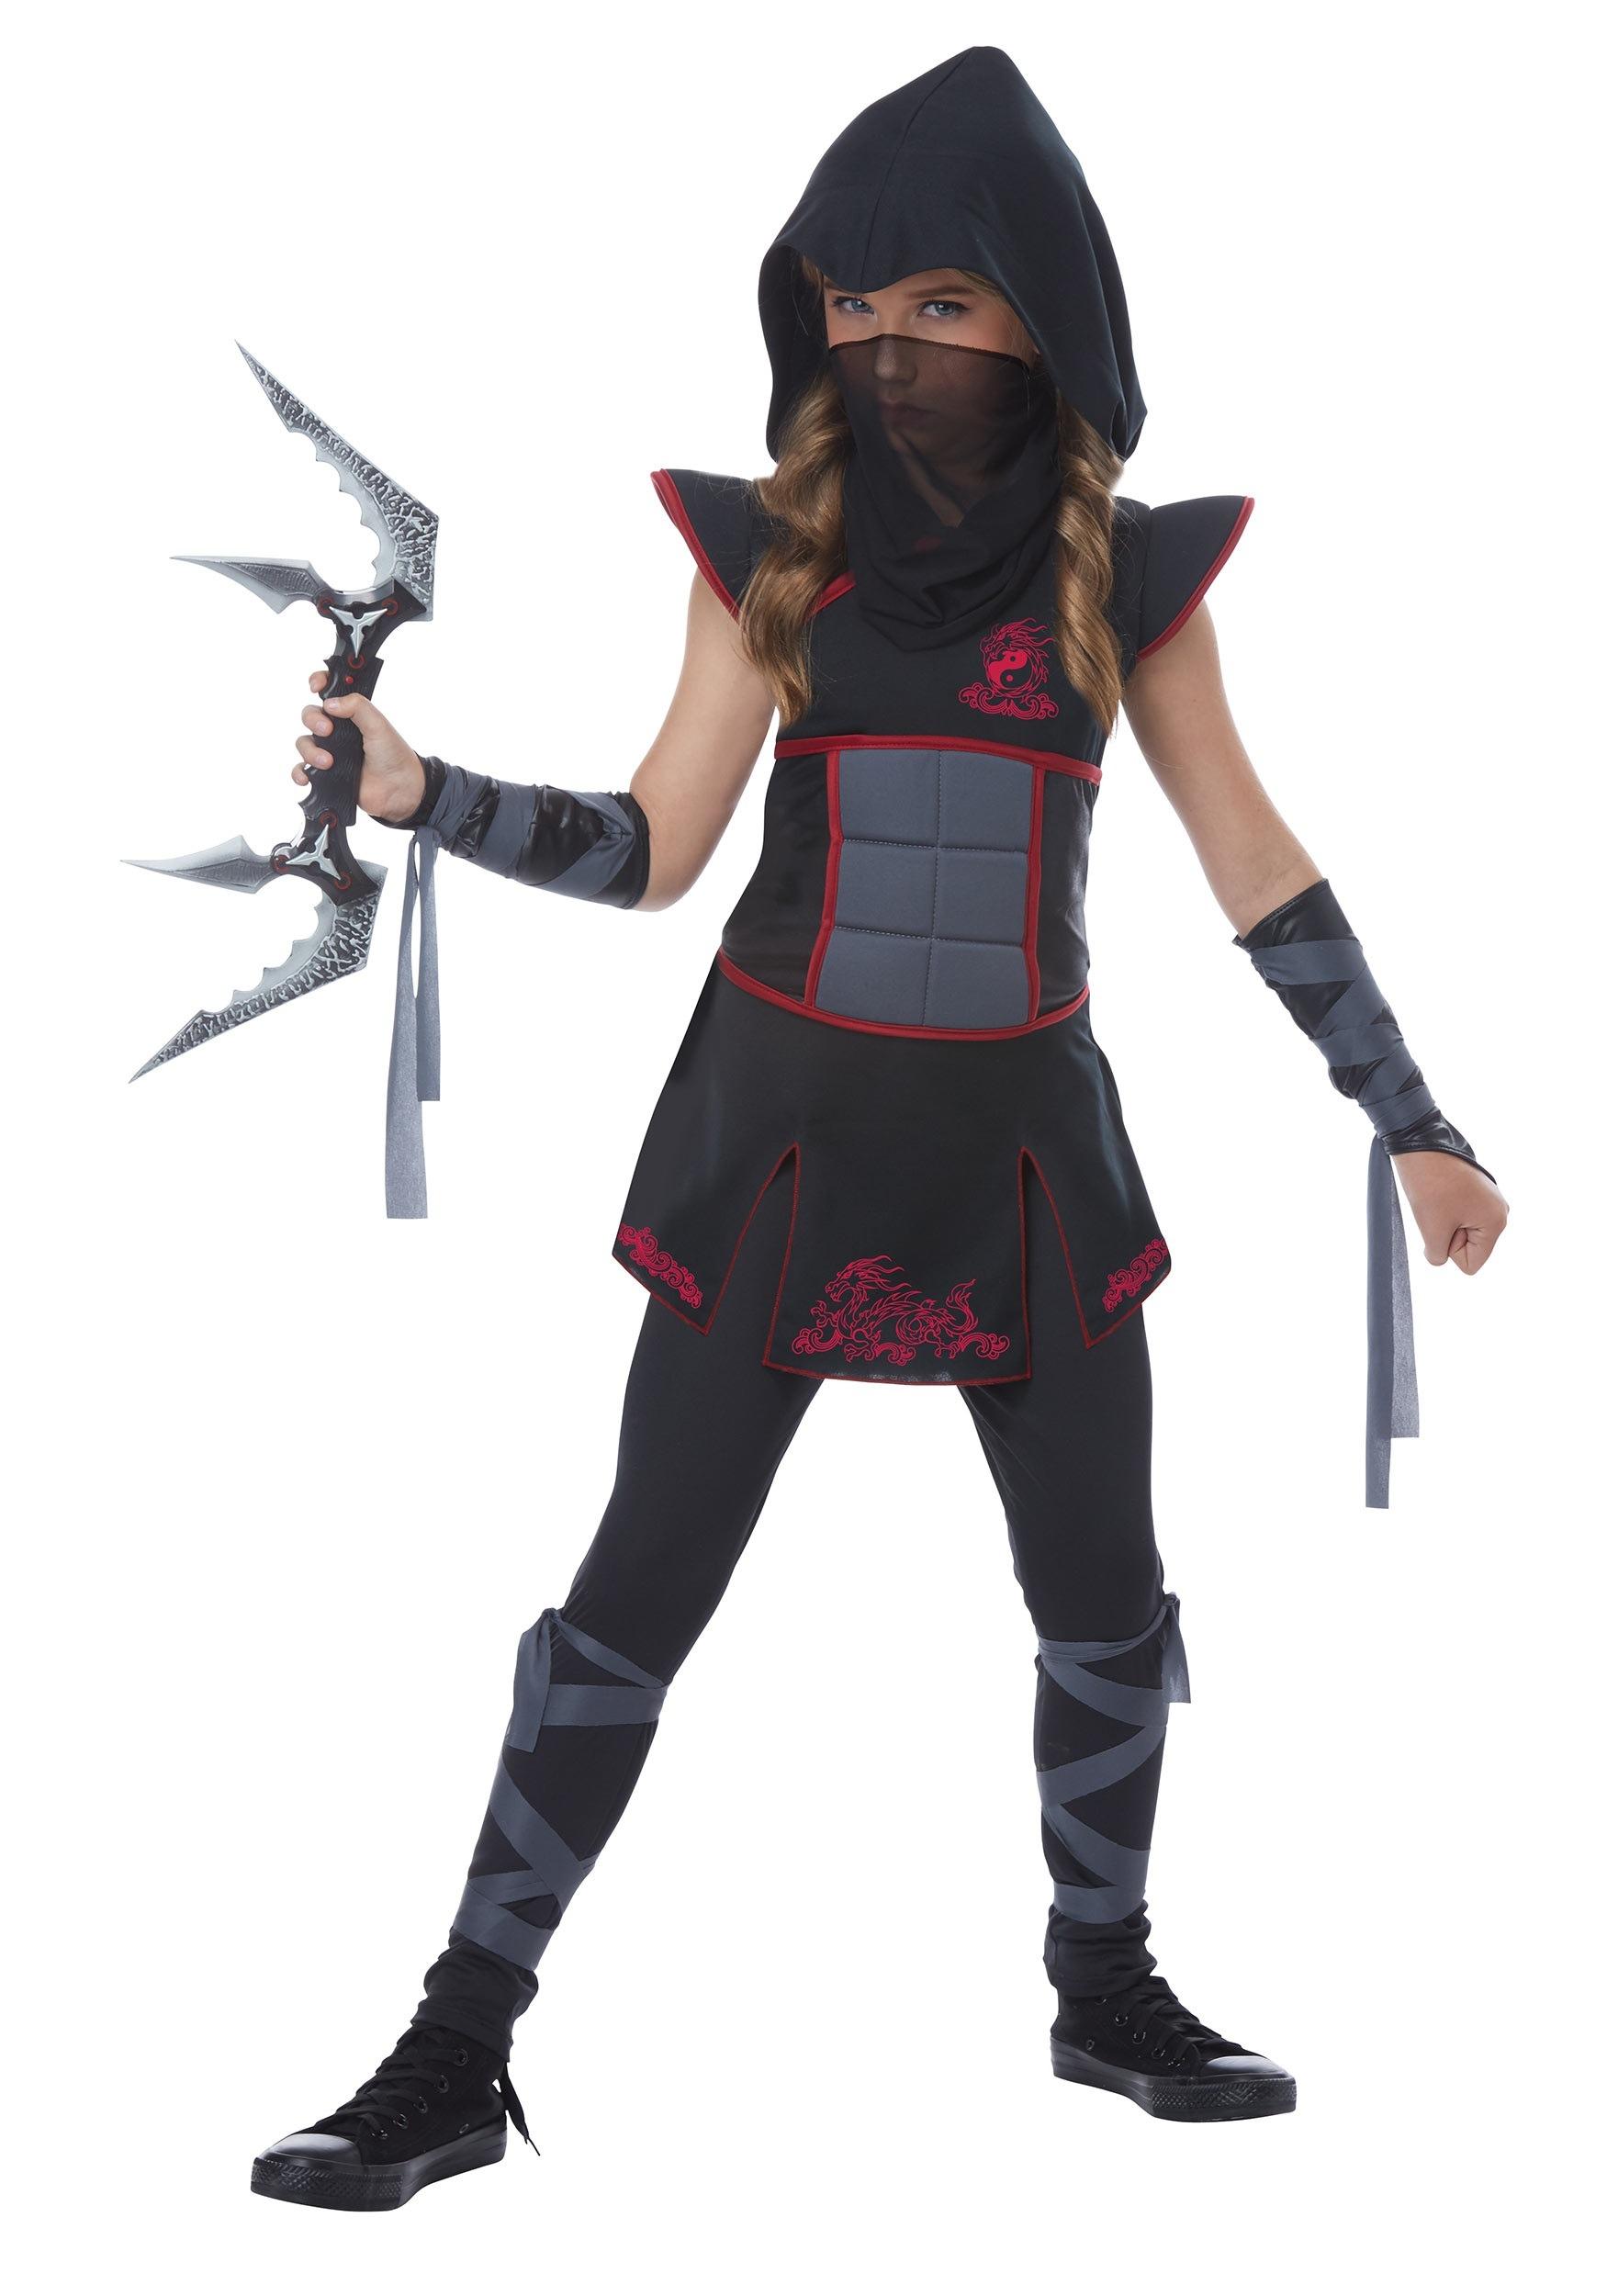 Black Ninja Fancy Dress Costume For Girls